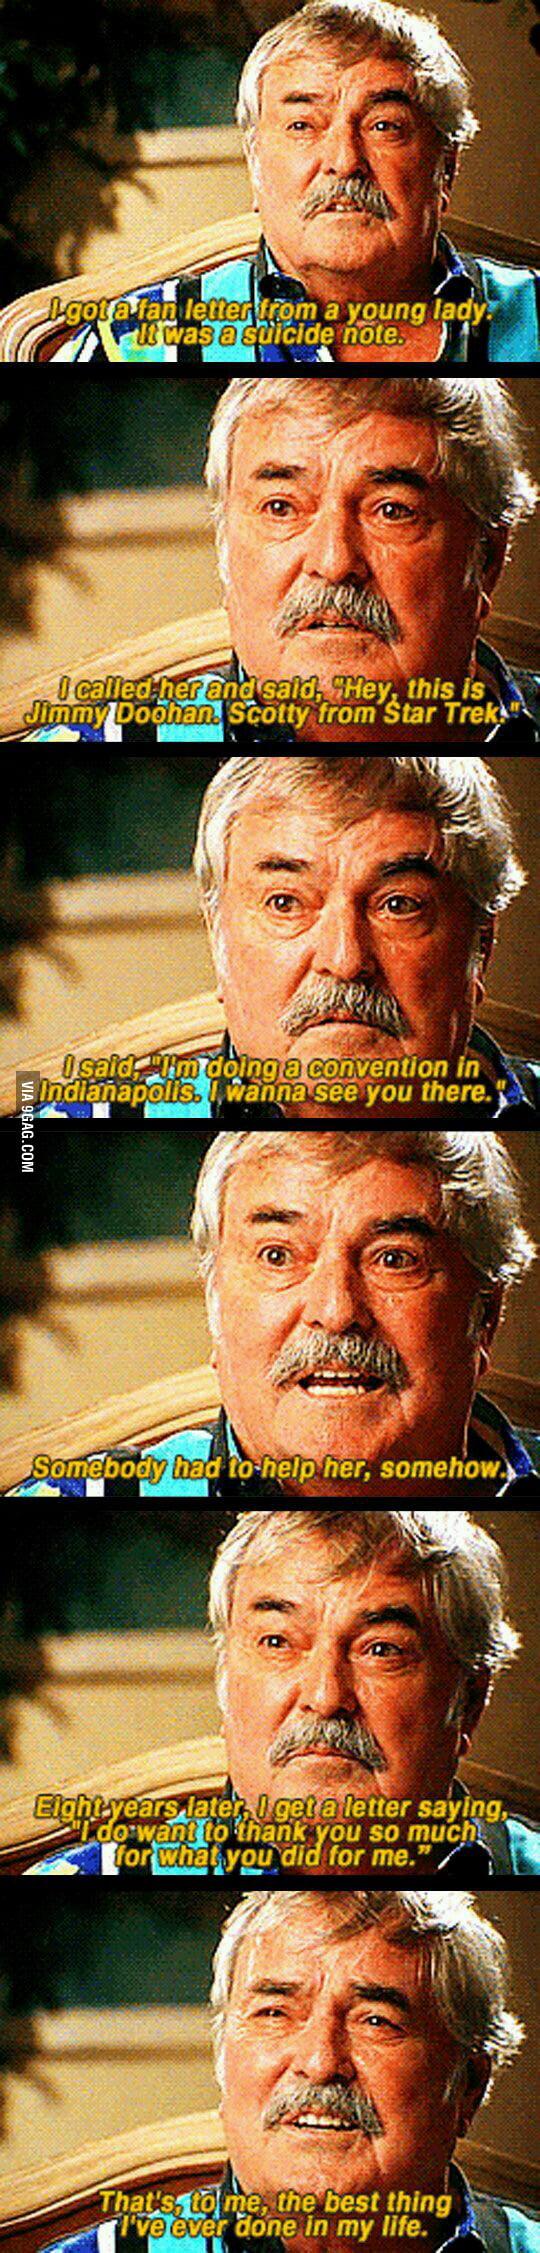 Respect, Mr. Scotty. Respect.